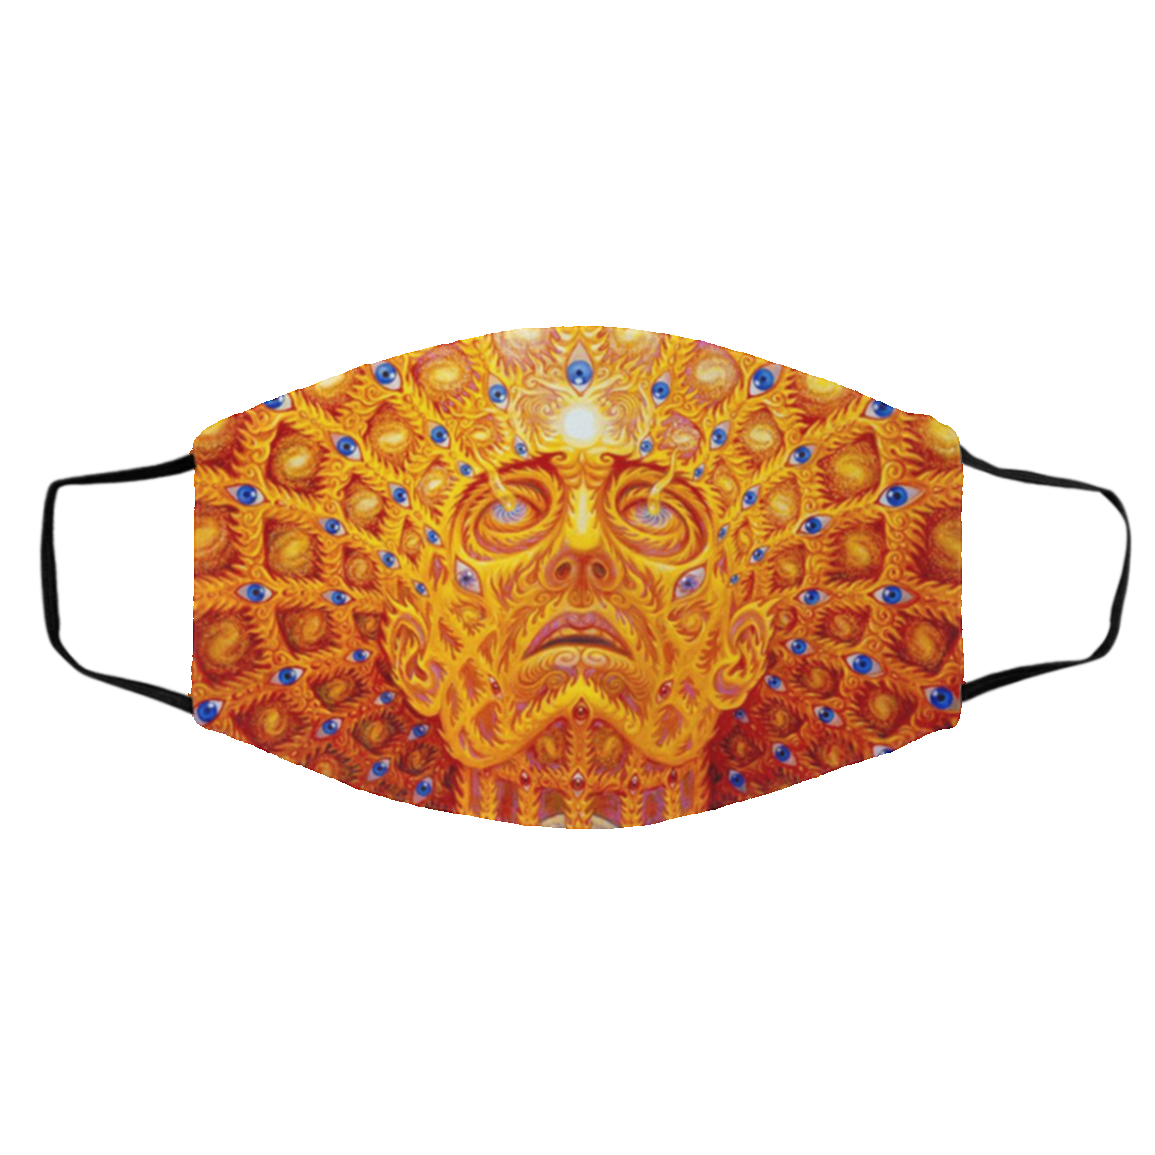 ale-x g-rey desi-gn tr-ans-igurat-ion 2020 baukencur Face Masks Filter